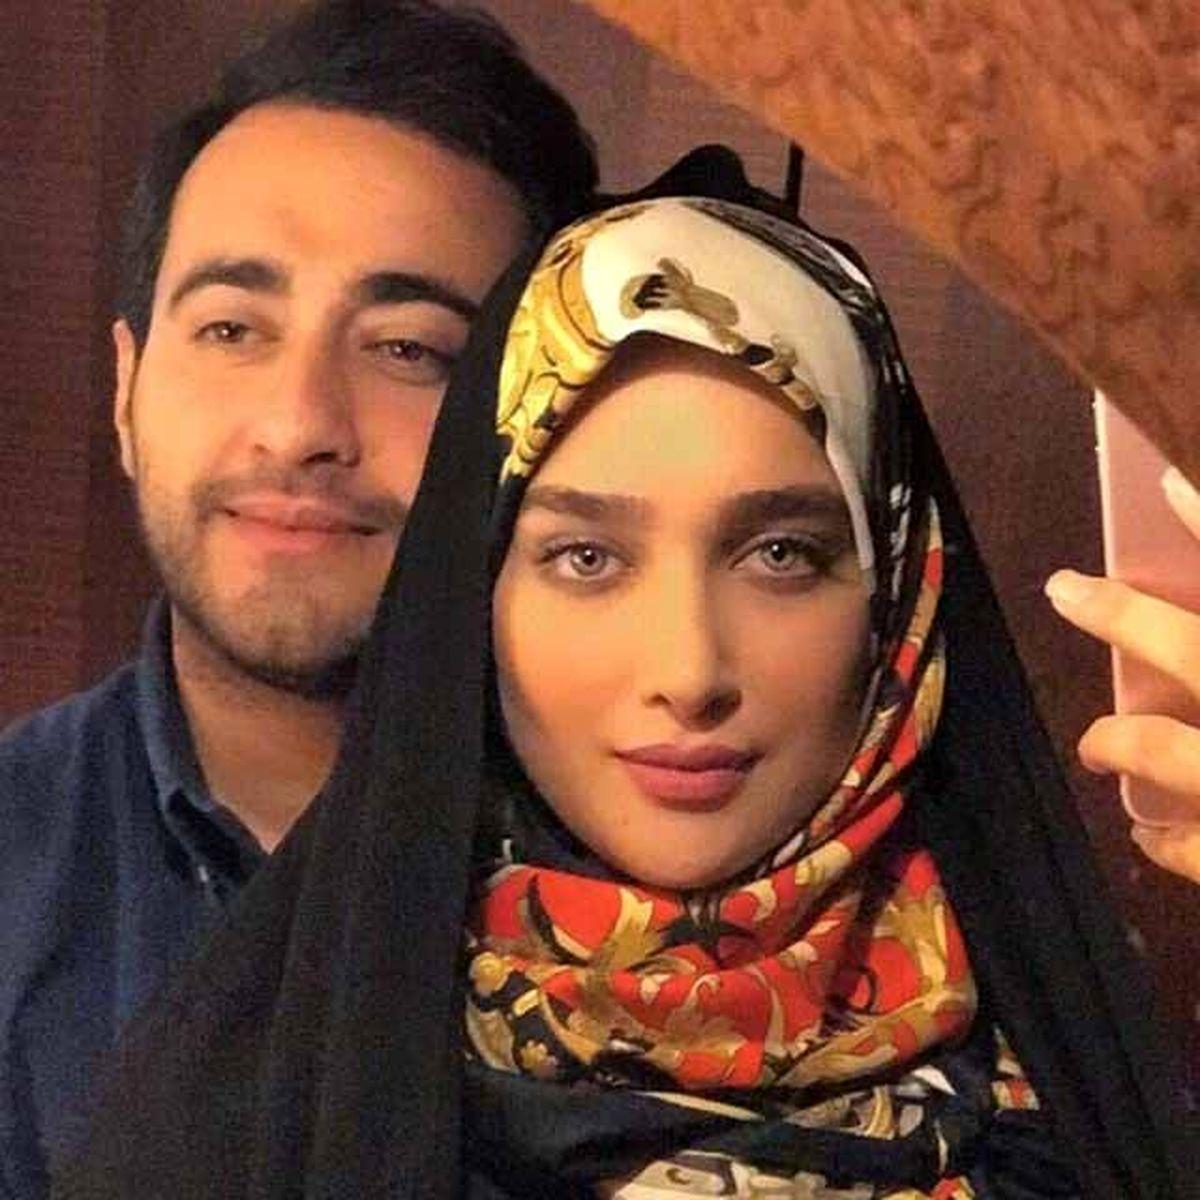 عروسی لاکچری آناشید حسینی و پسر سفیر ایران + تصاویر